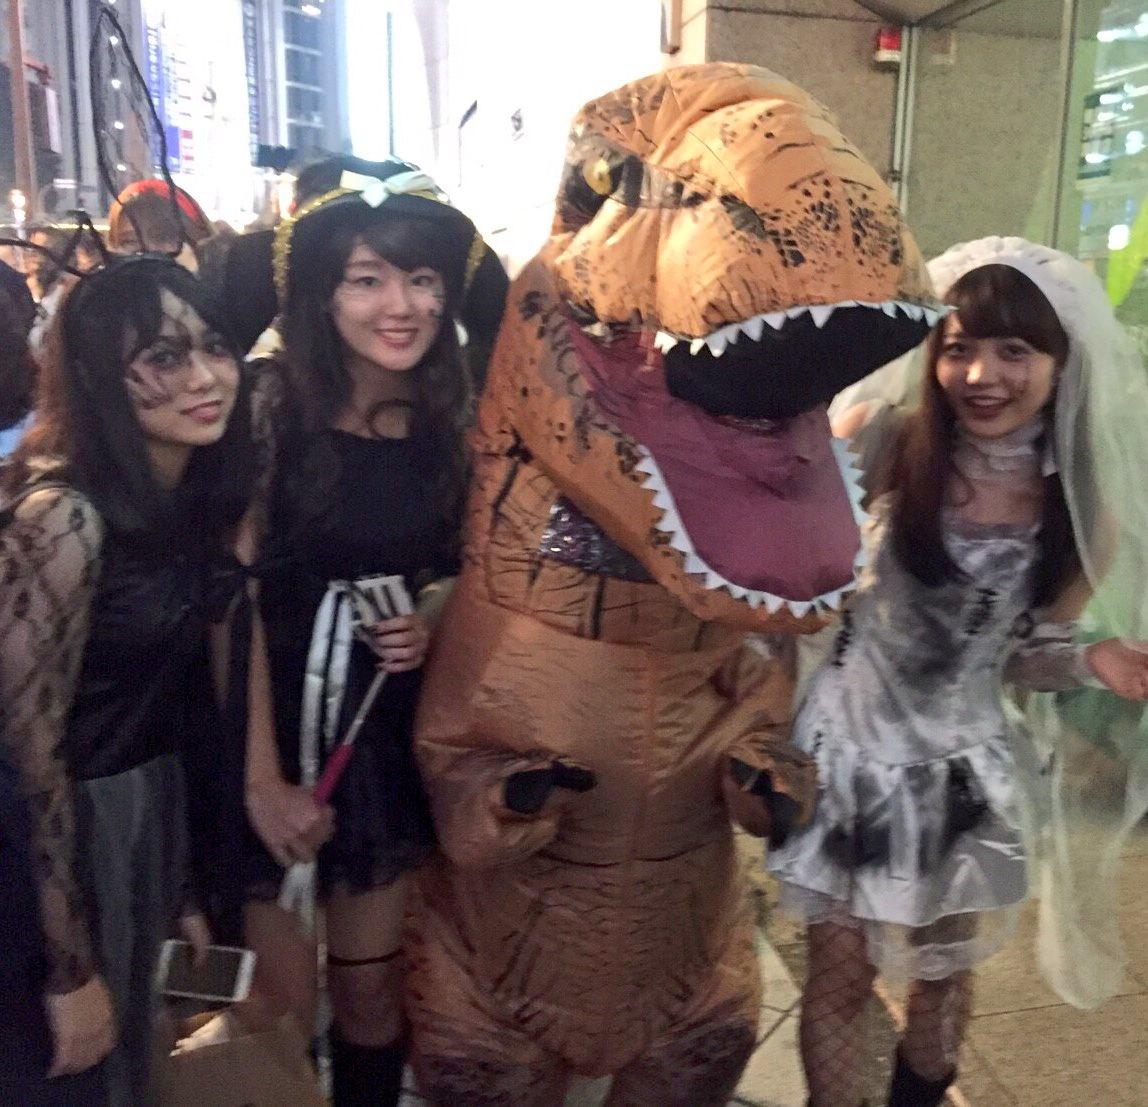 ハロウィンの渋谷でエロコス援交をする未成年エロ画像9枚目